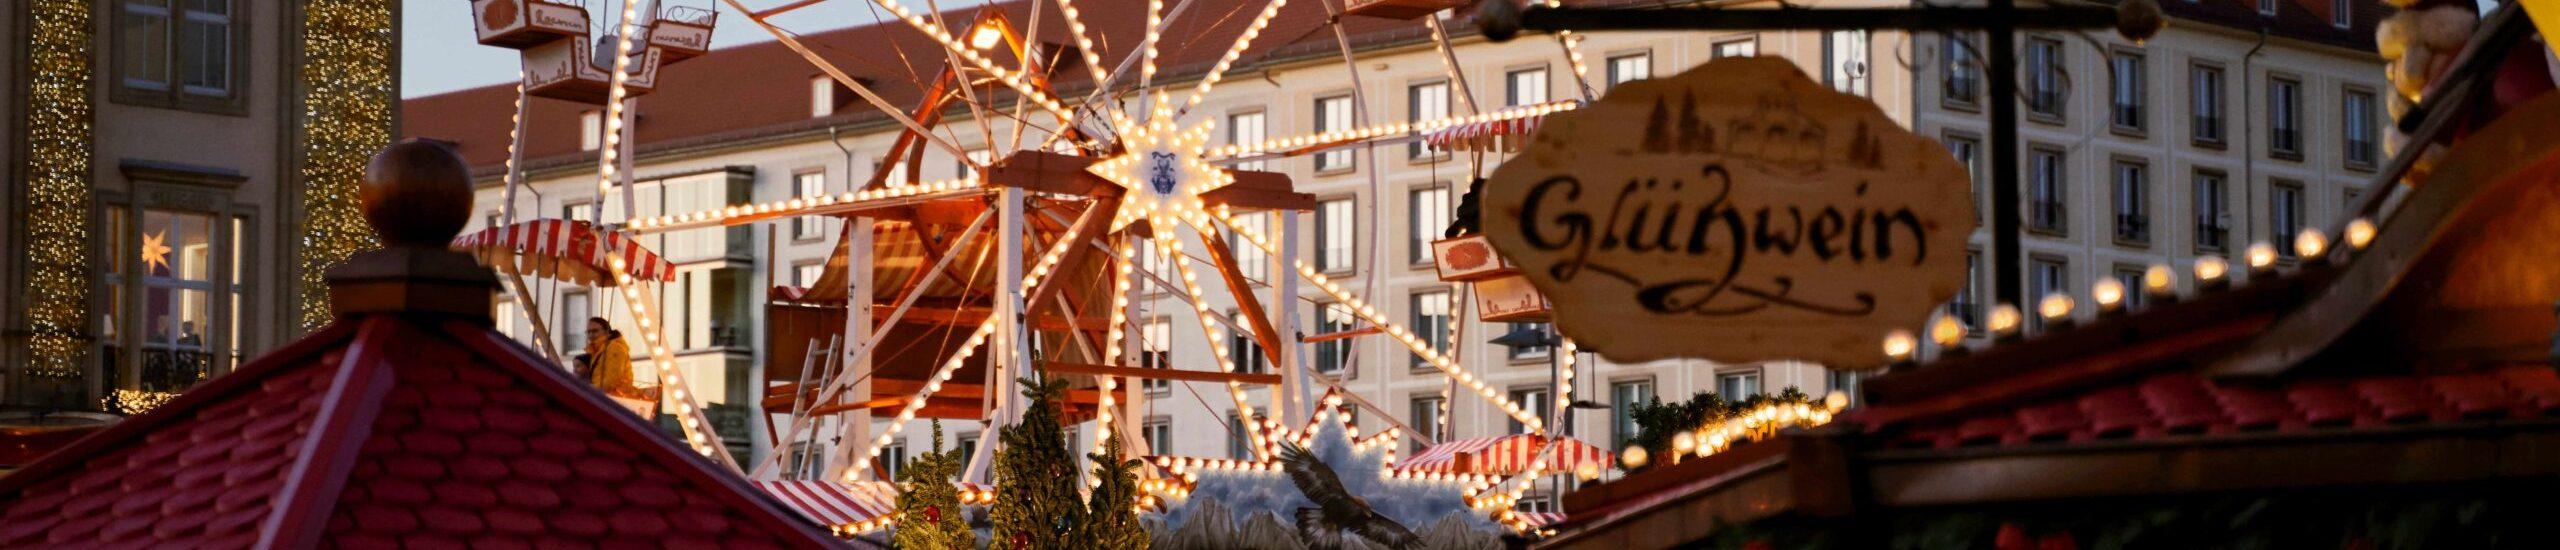 weihnachtsmarkt-01-klein